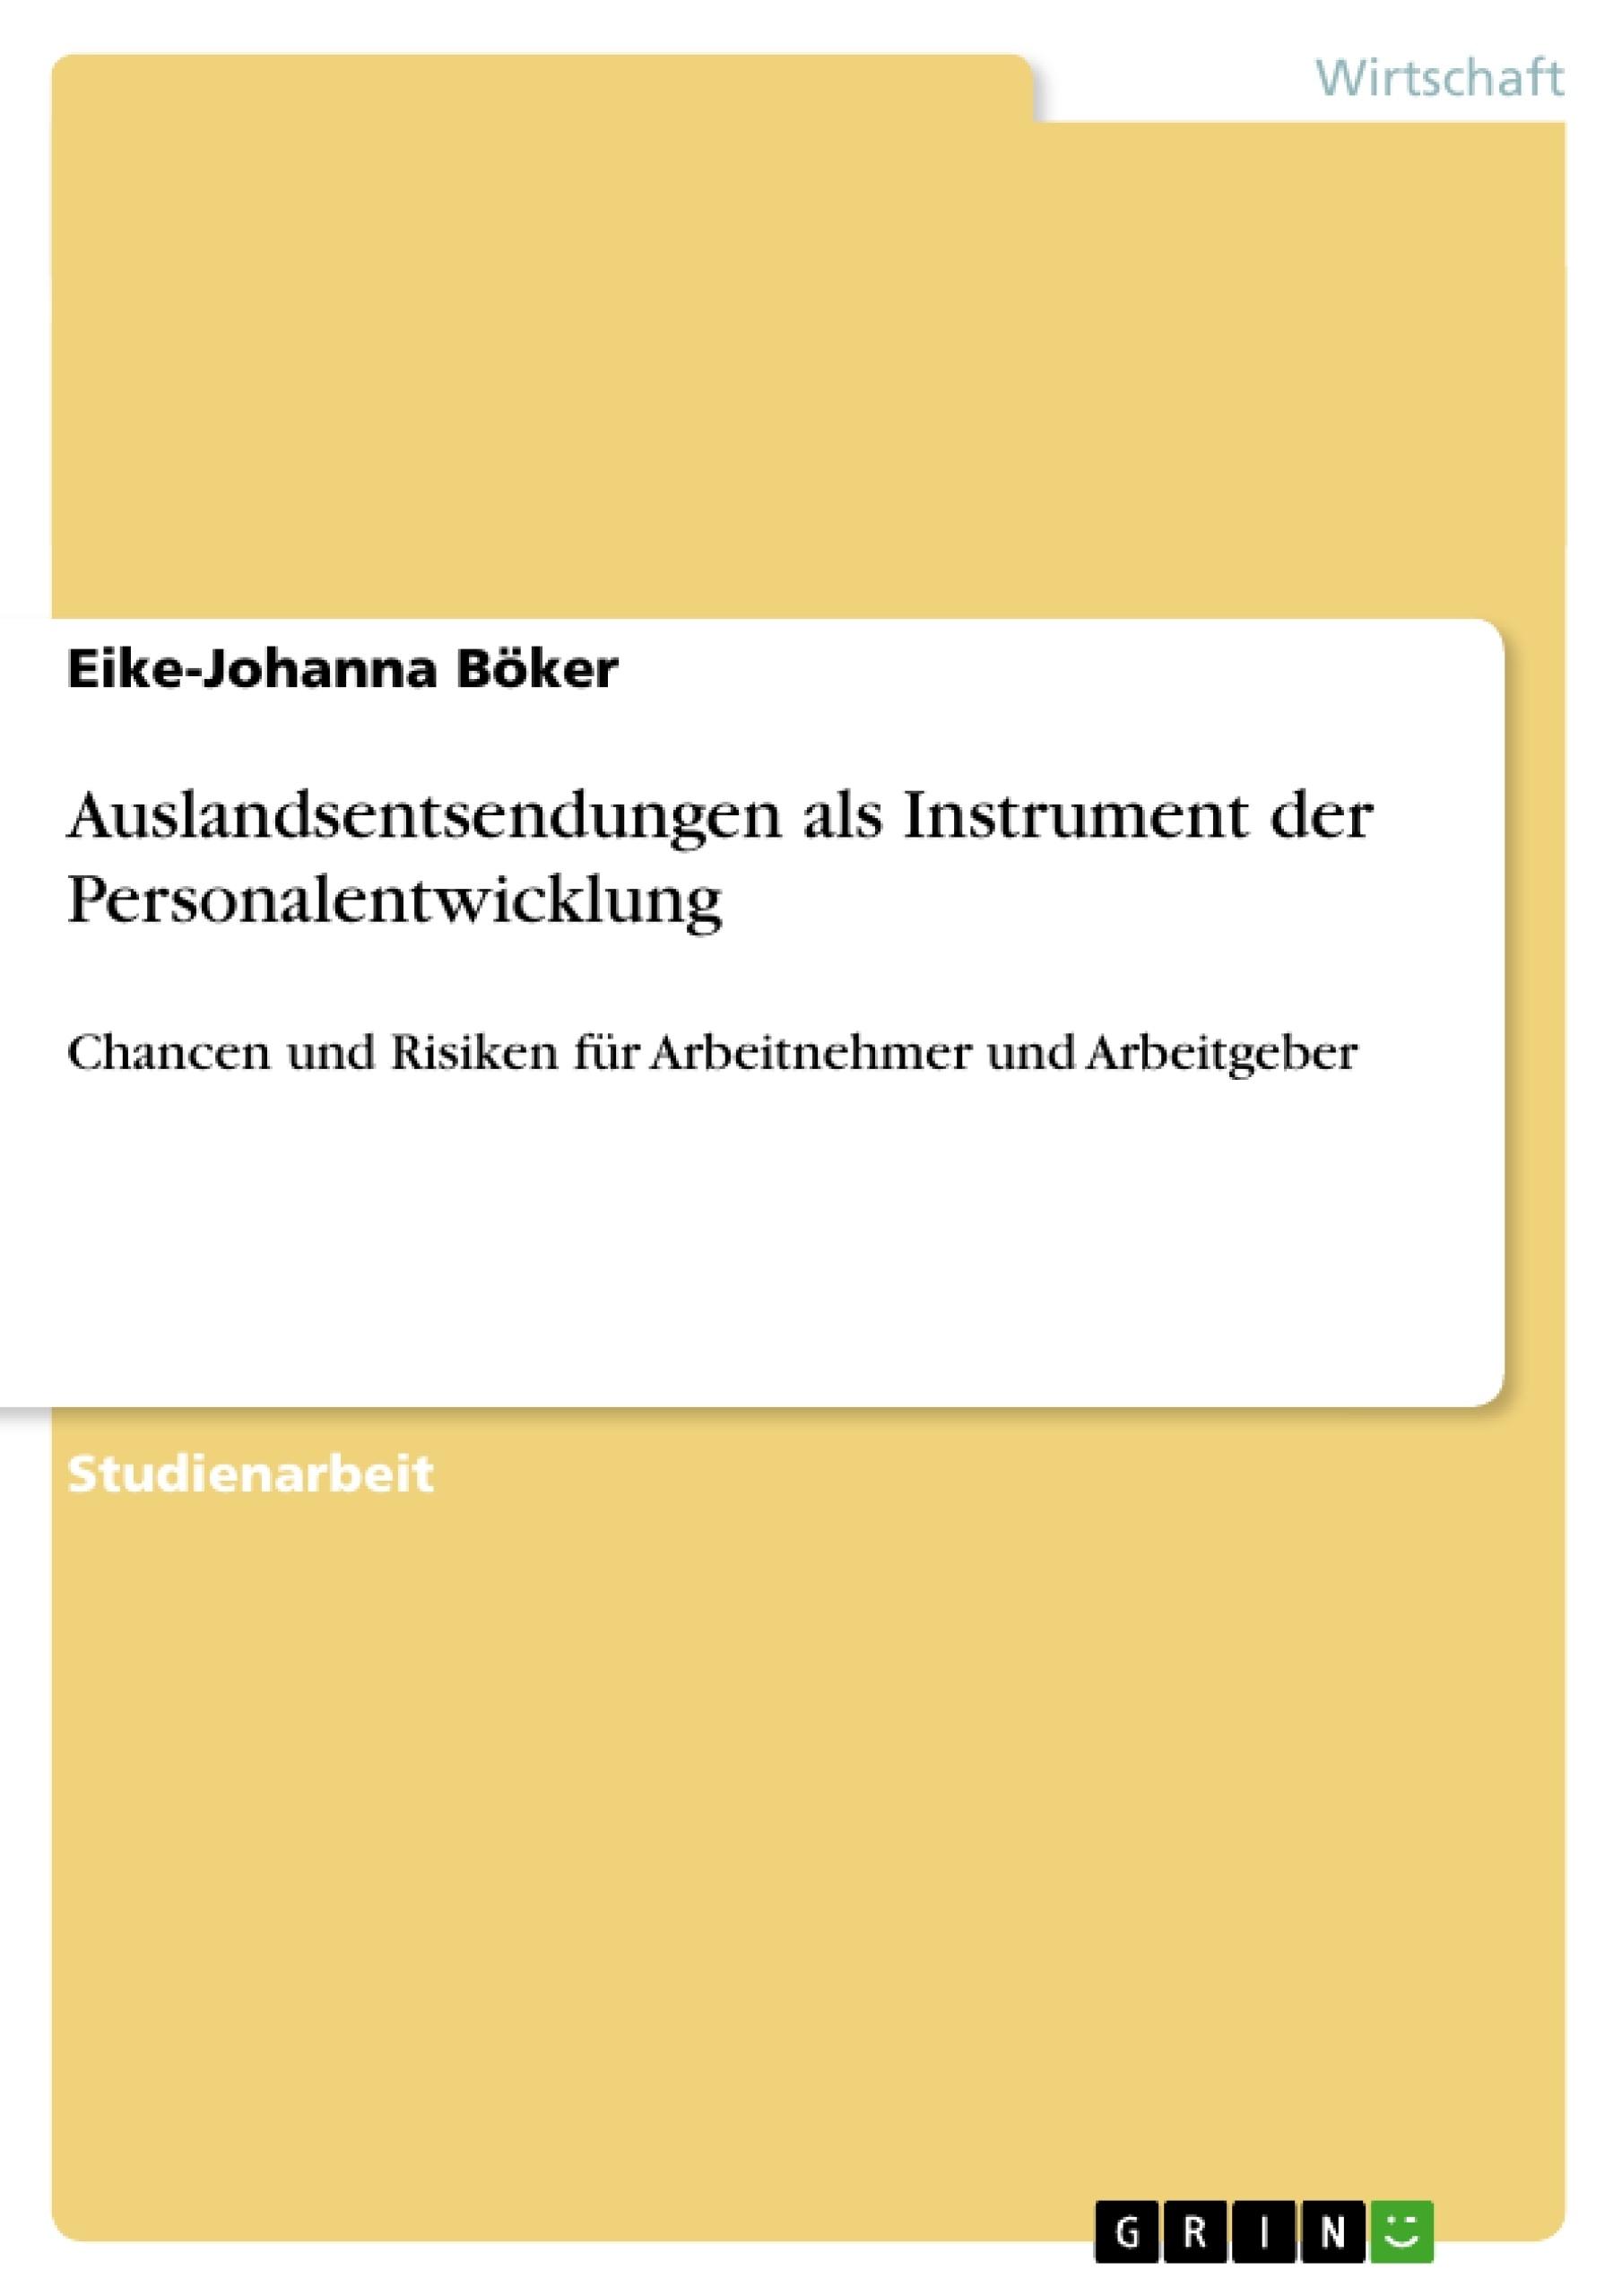 Titel: Auslandsentsendungen als Instrument der Personalentwicklung